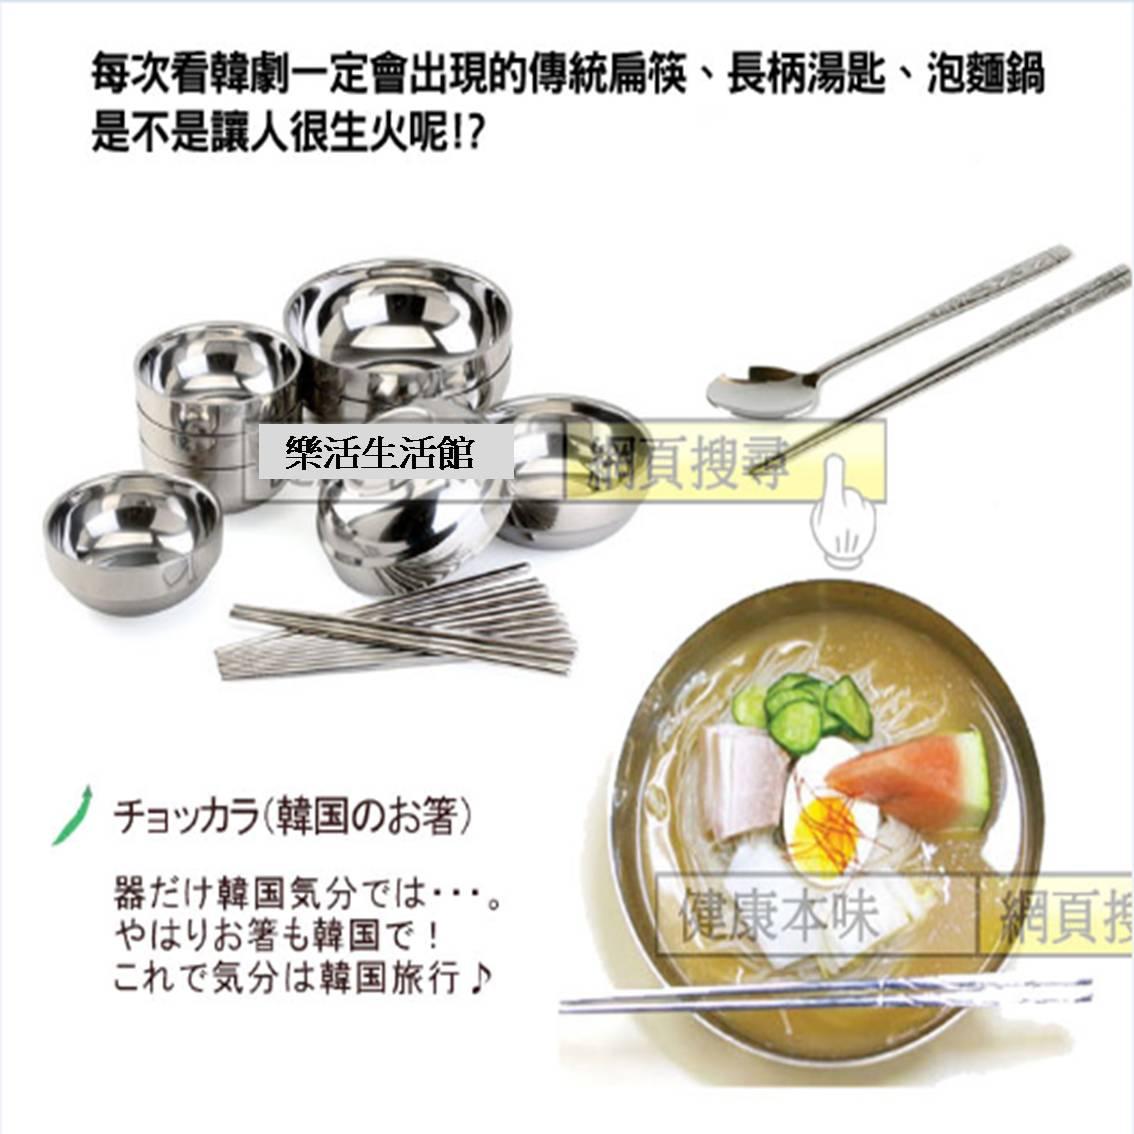 韓國傳統扁筷/長柄湯匙